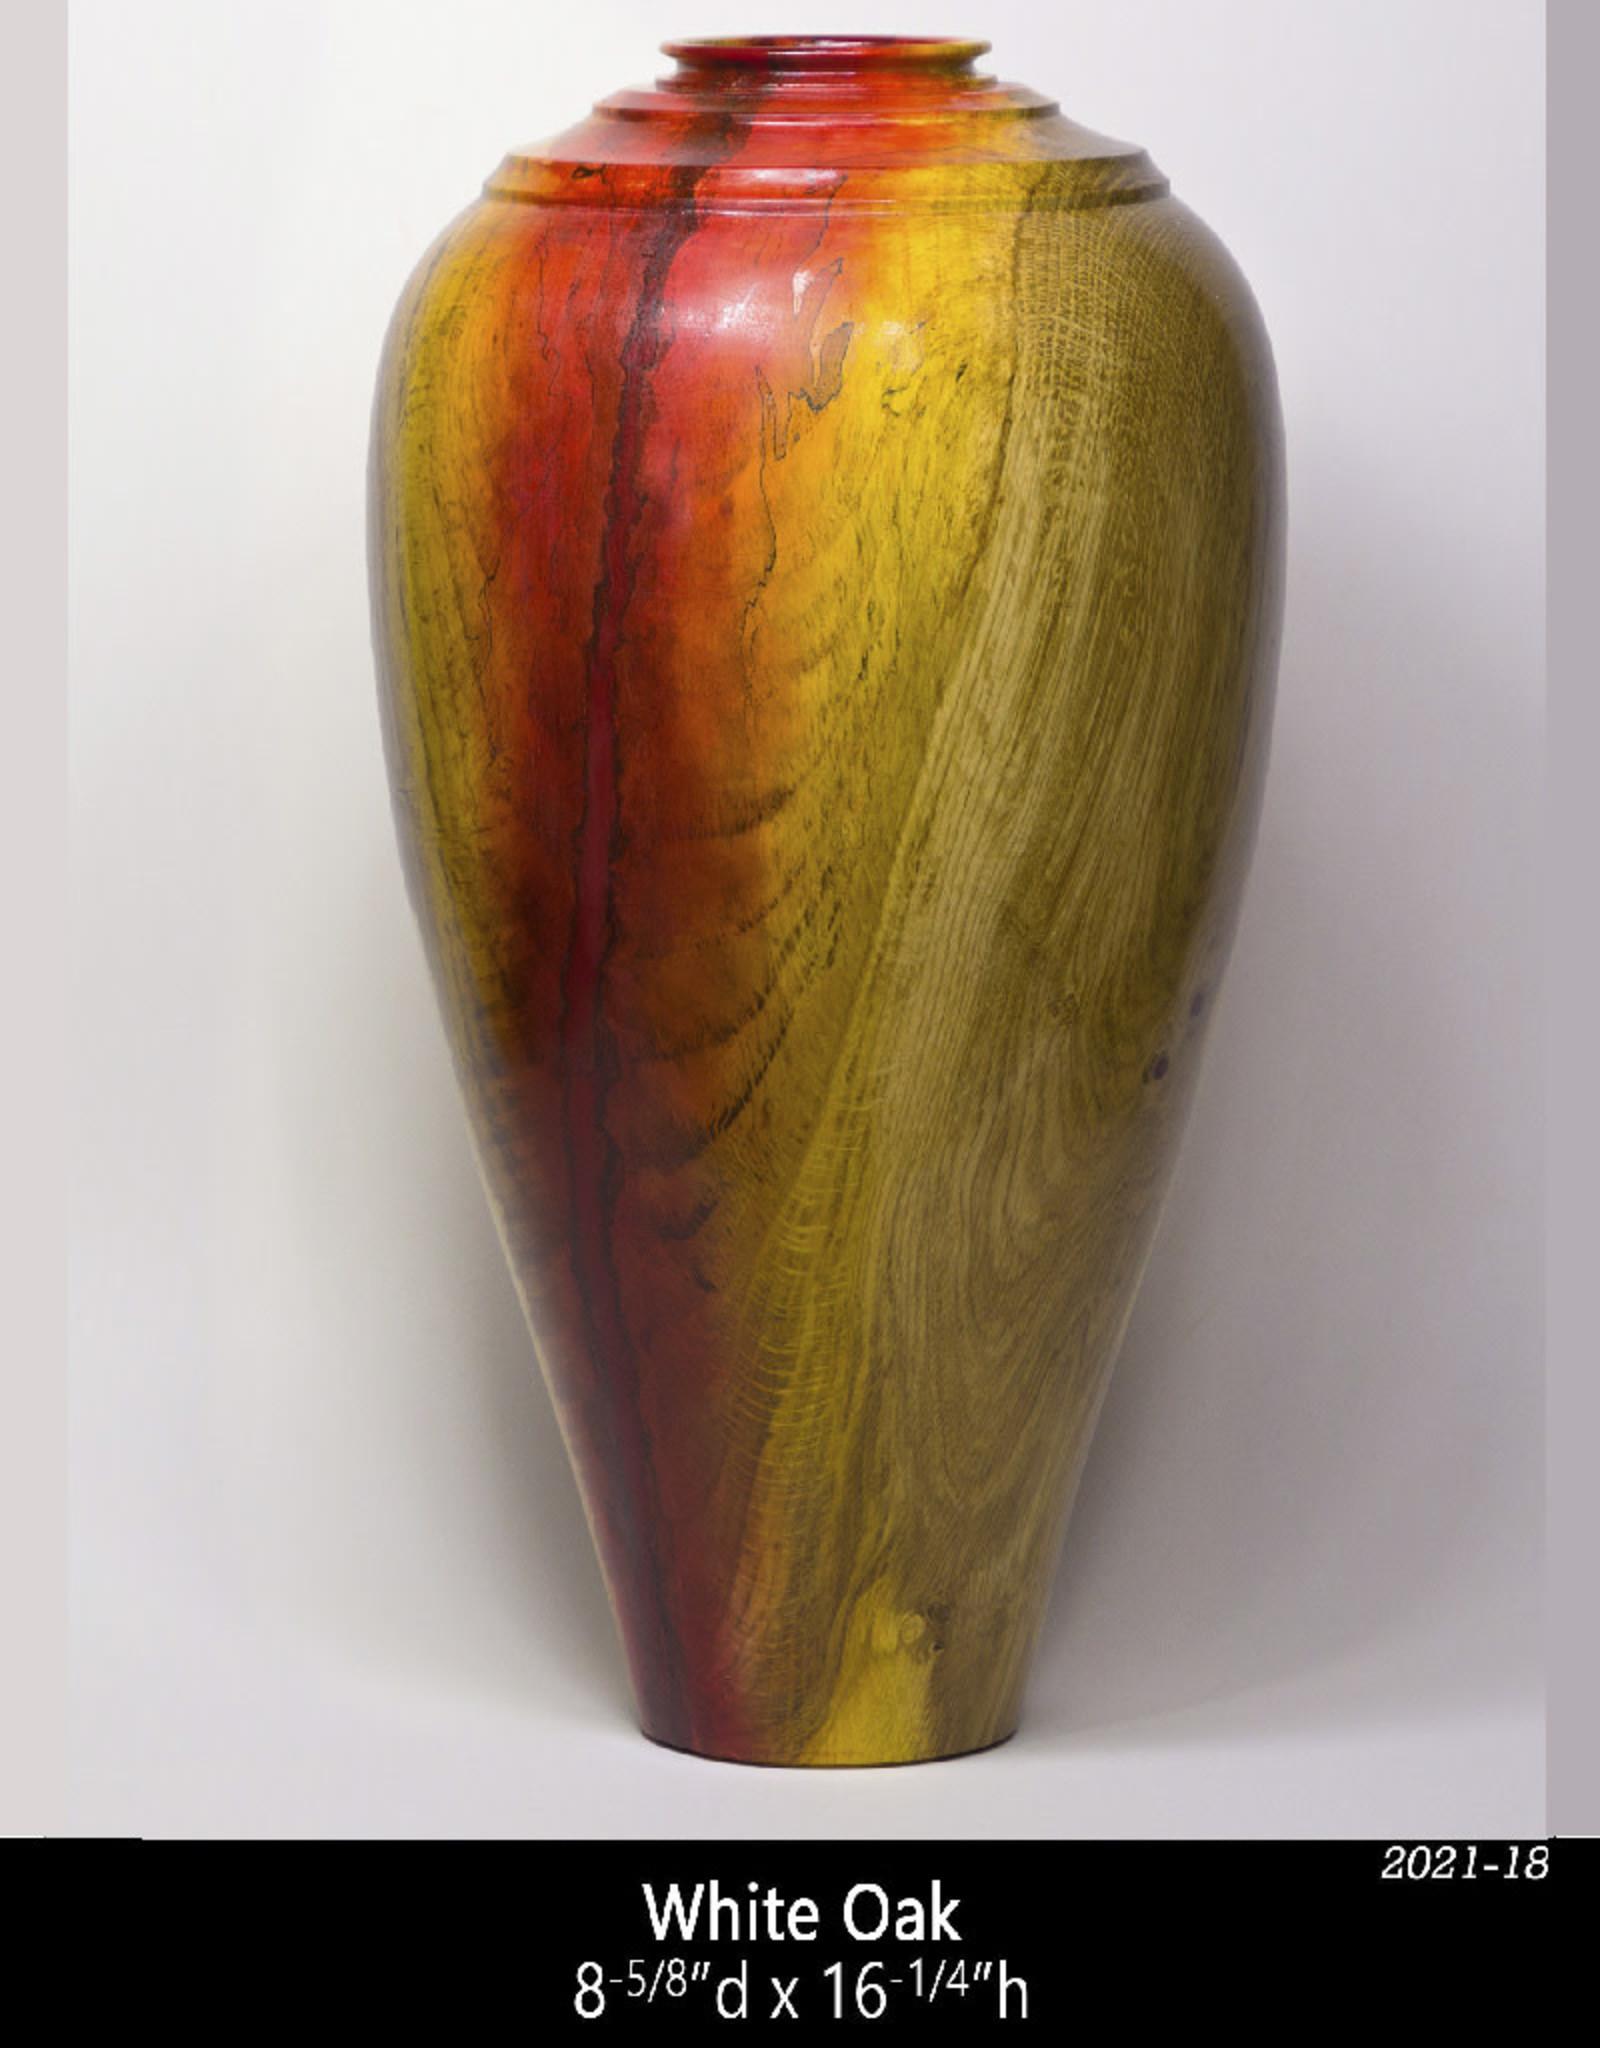 Guest Artist, Jeff Strickler 2021-18 Oak Vase – red and yellow Jeff Strickler